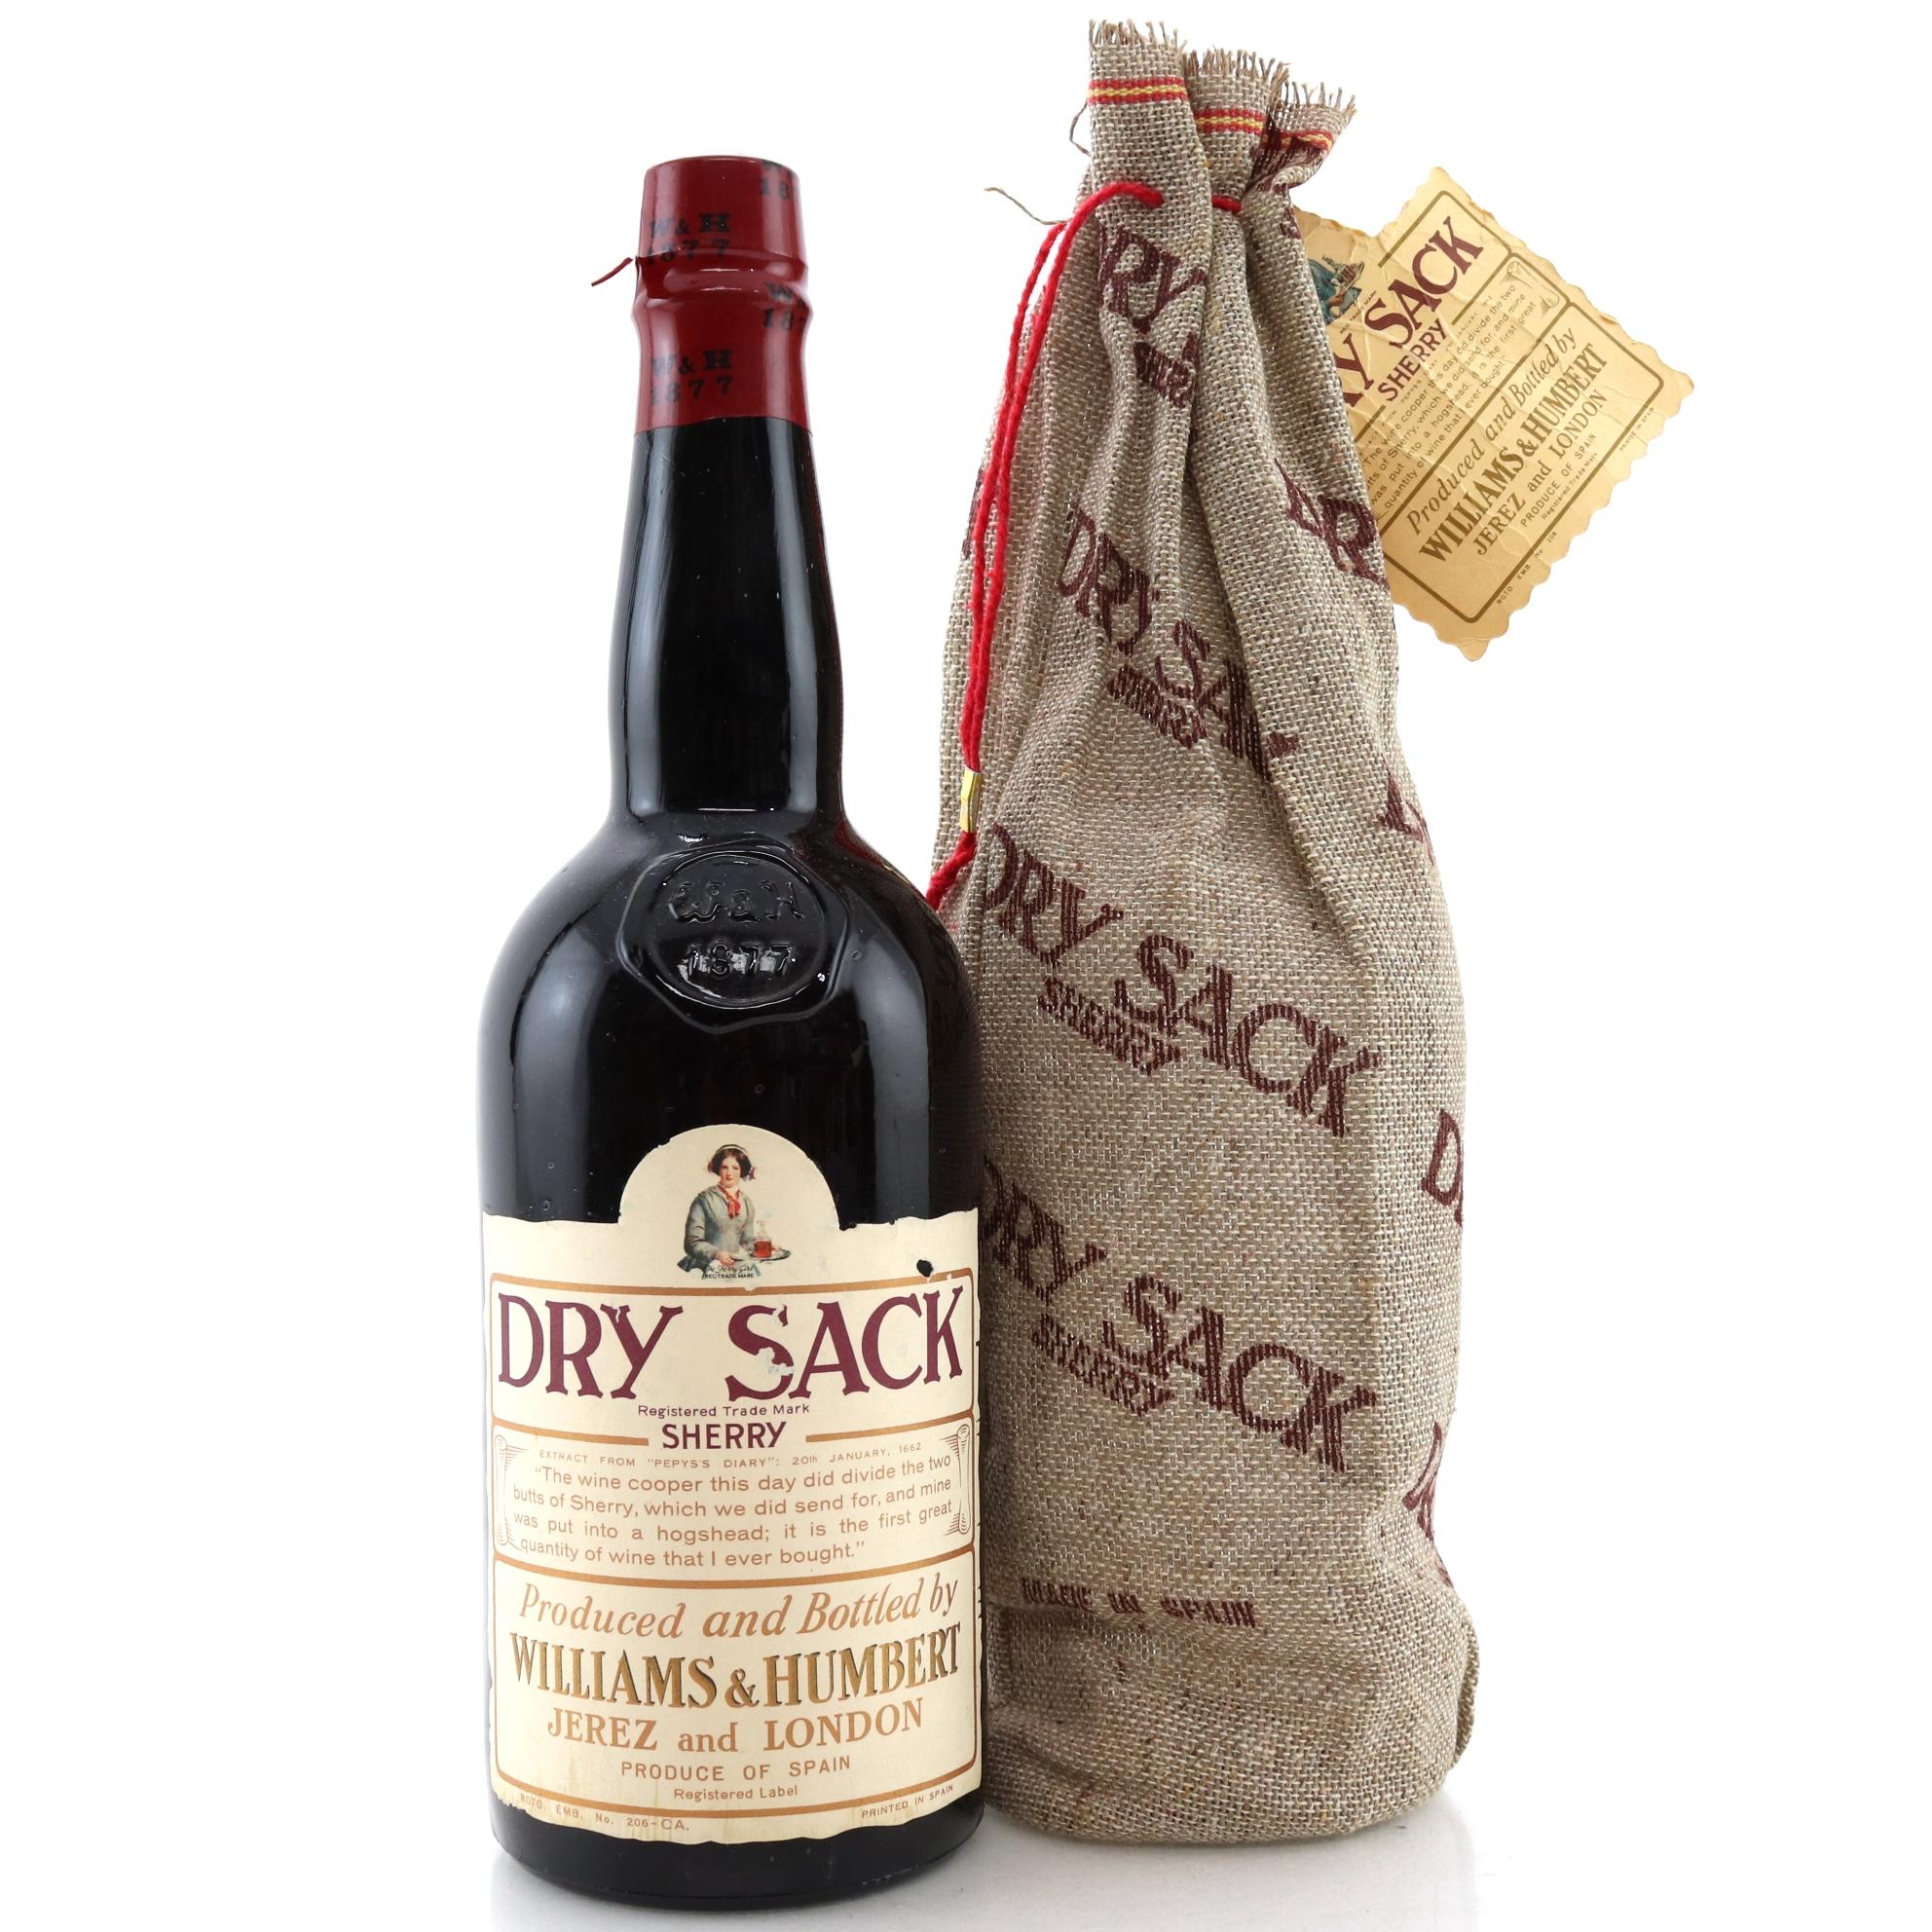 Williams Humbert Dry Sack Sherry Wine Auctioneer